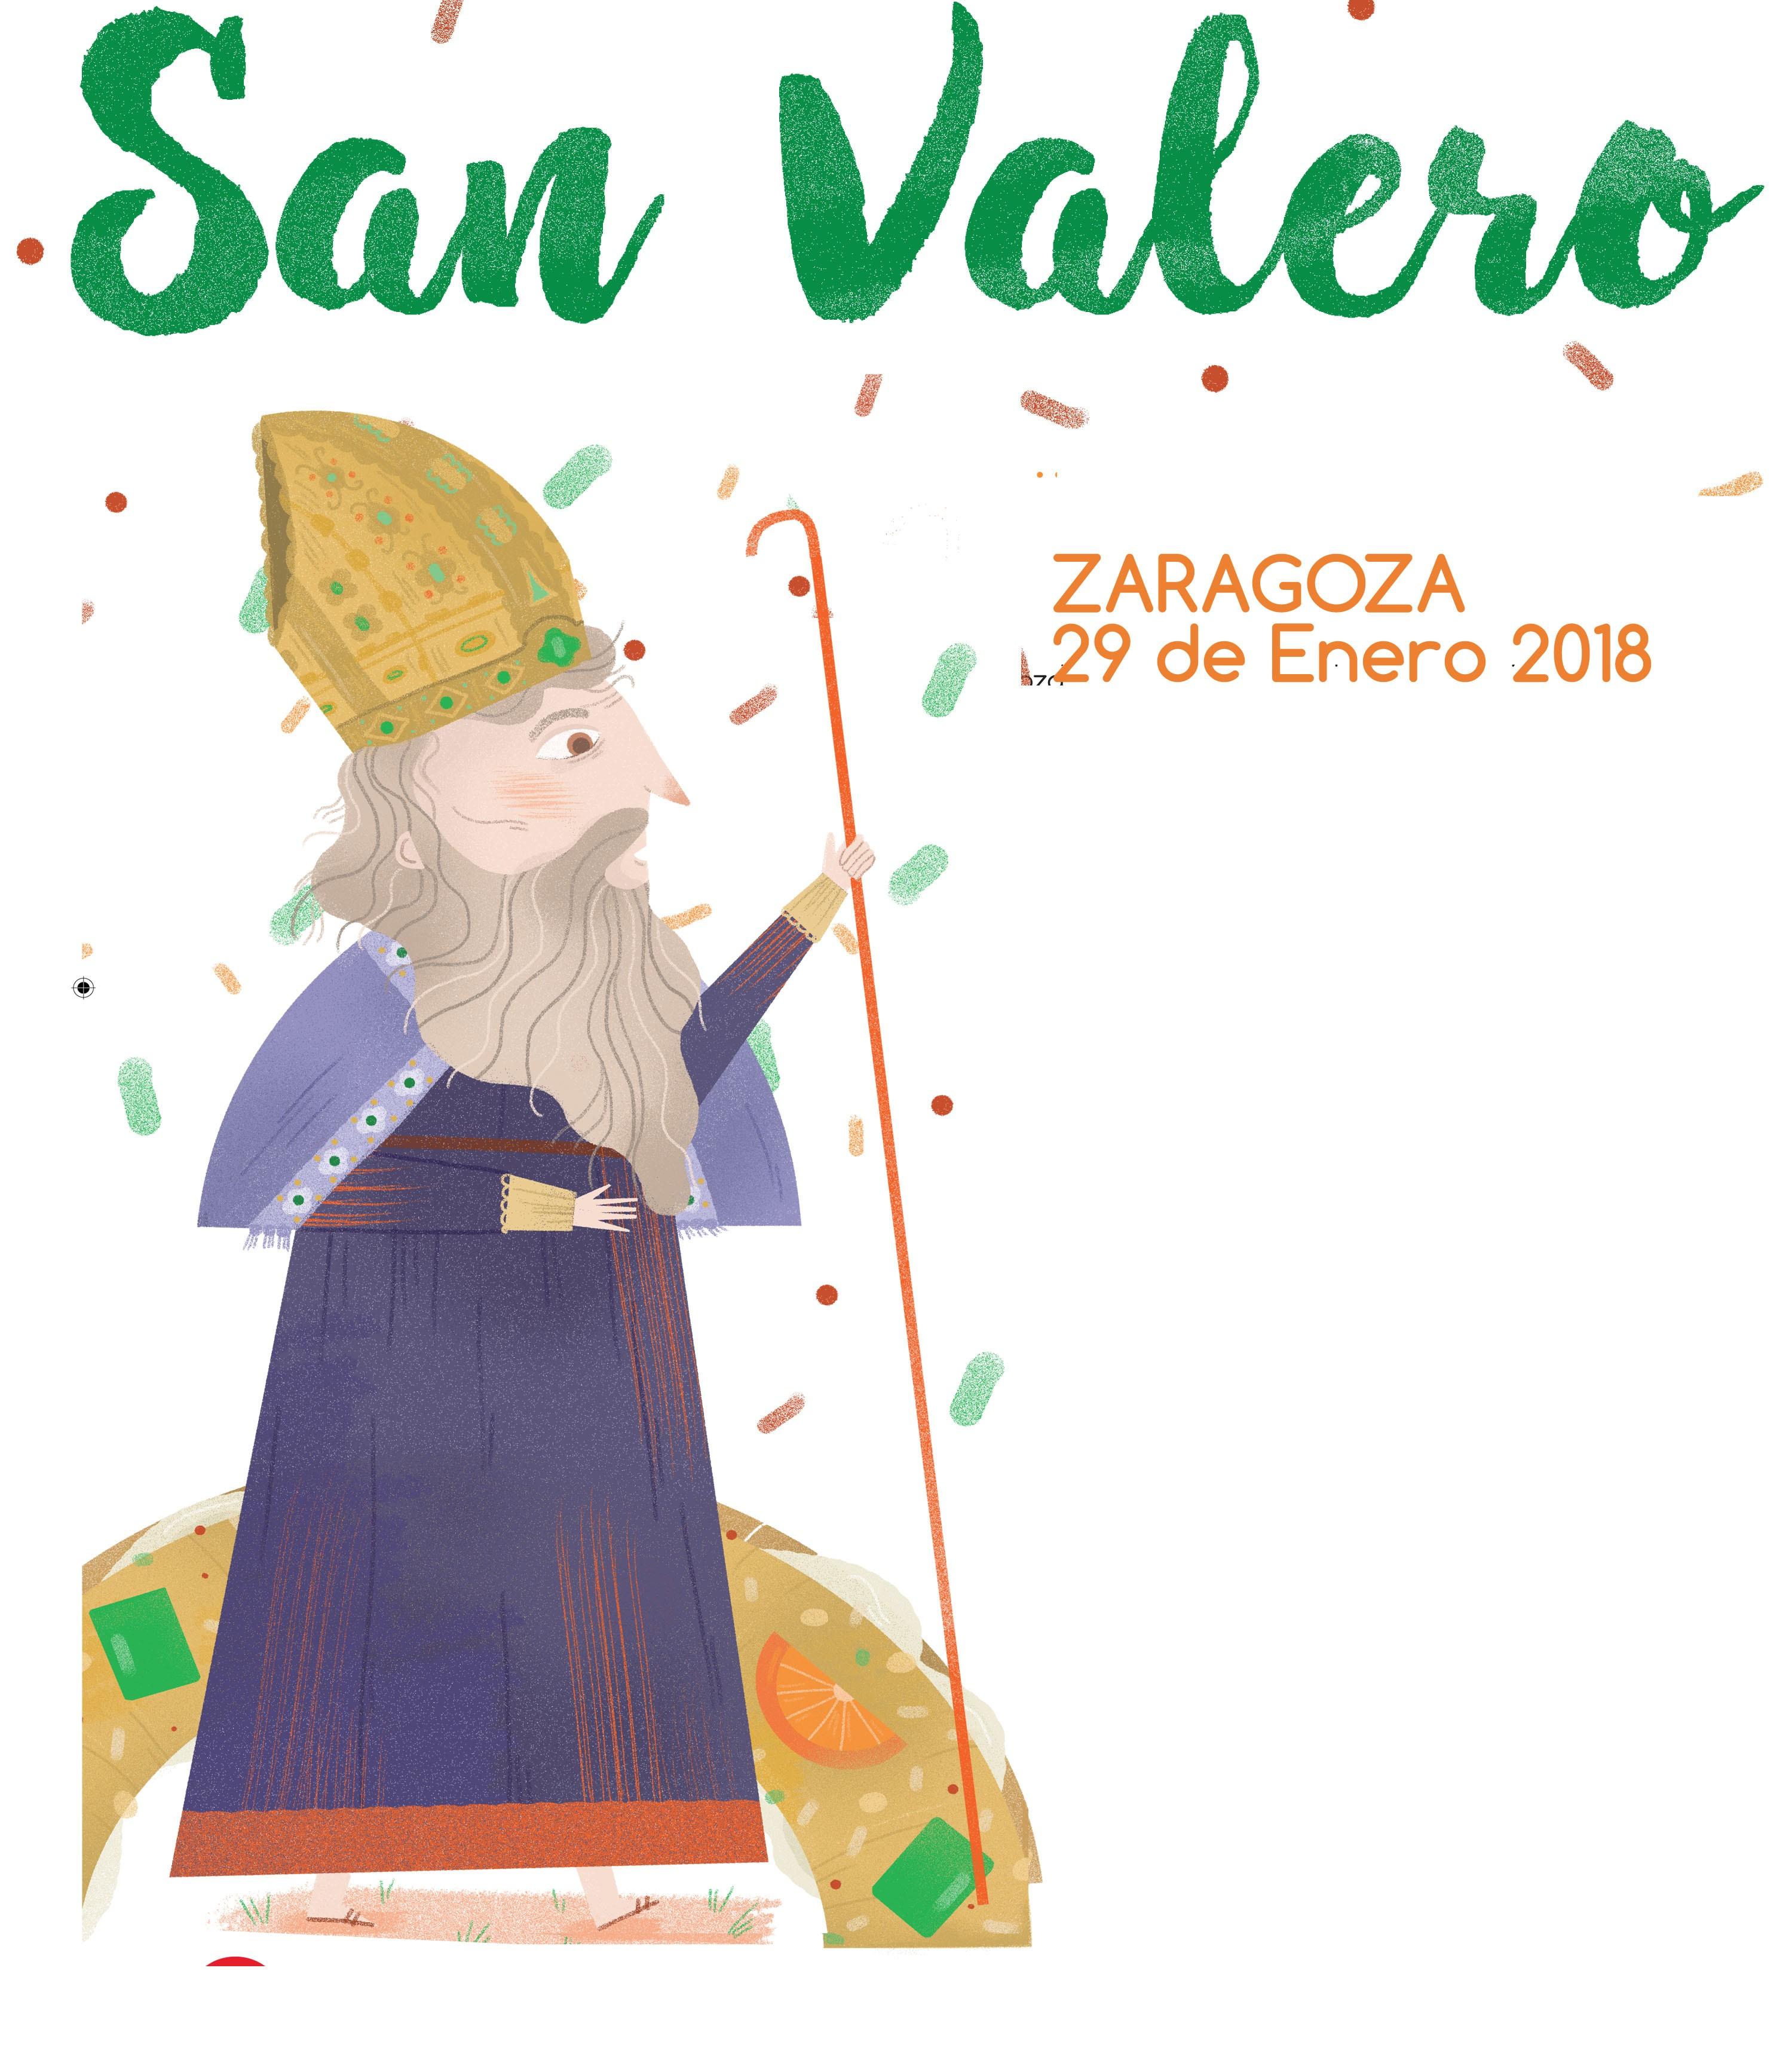 Da de San Valero 2019 Guia de Zaragoza